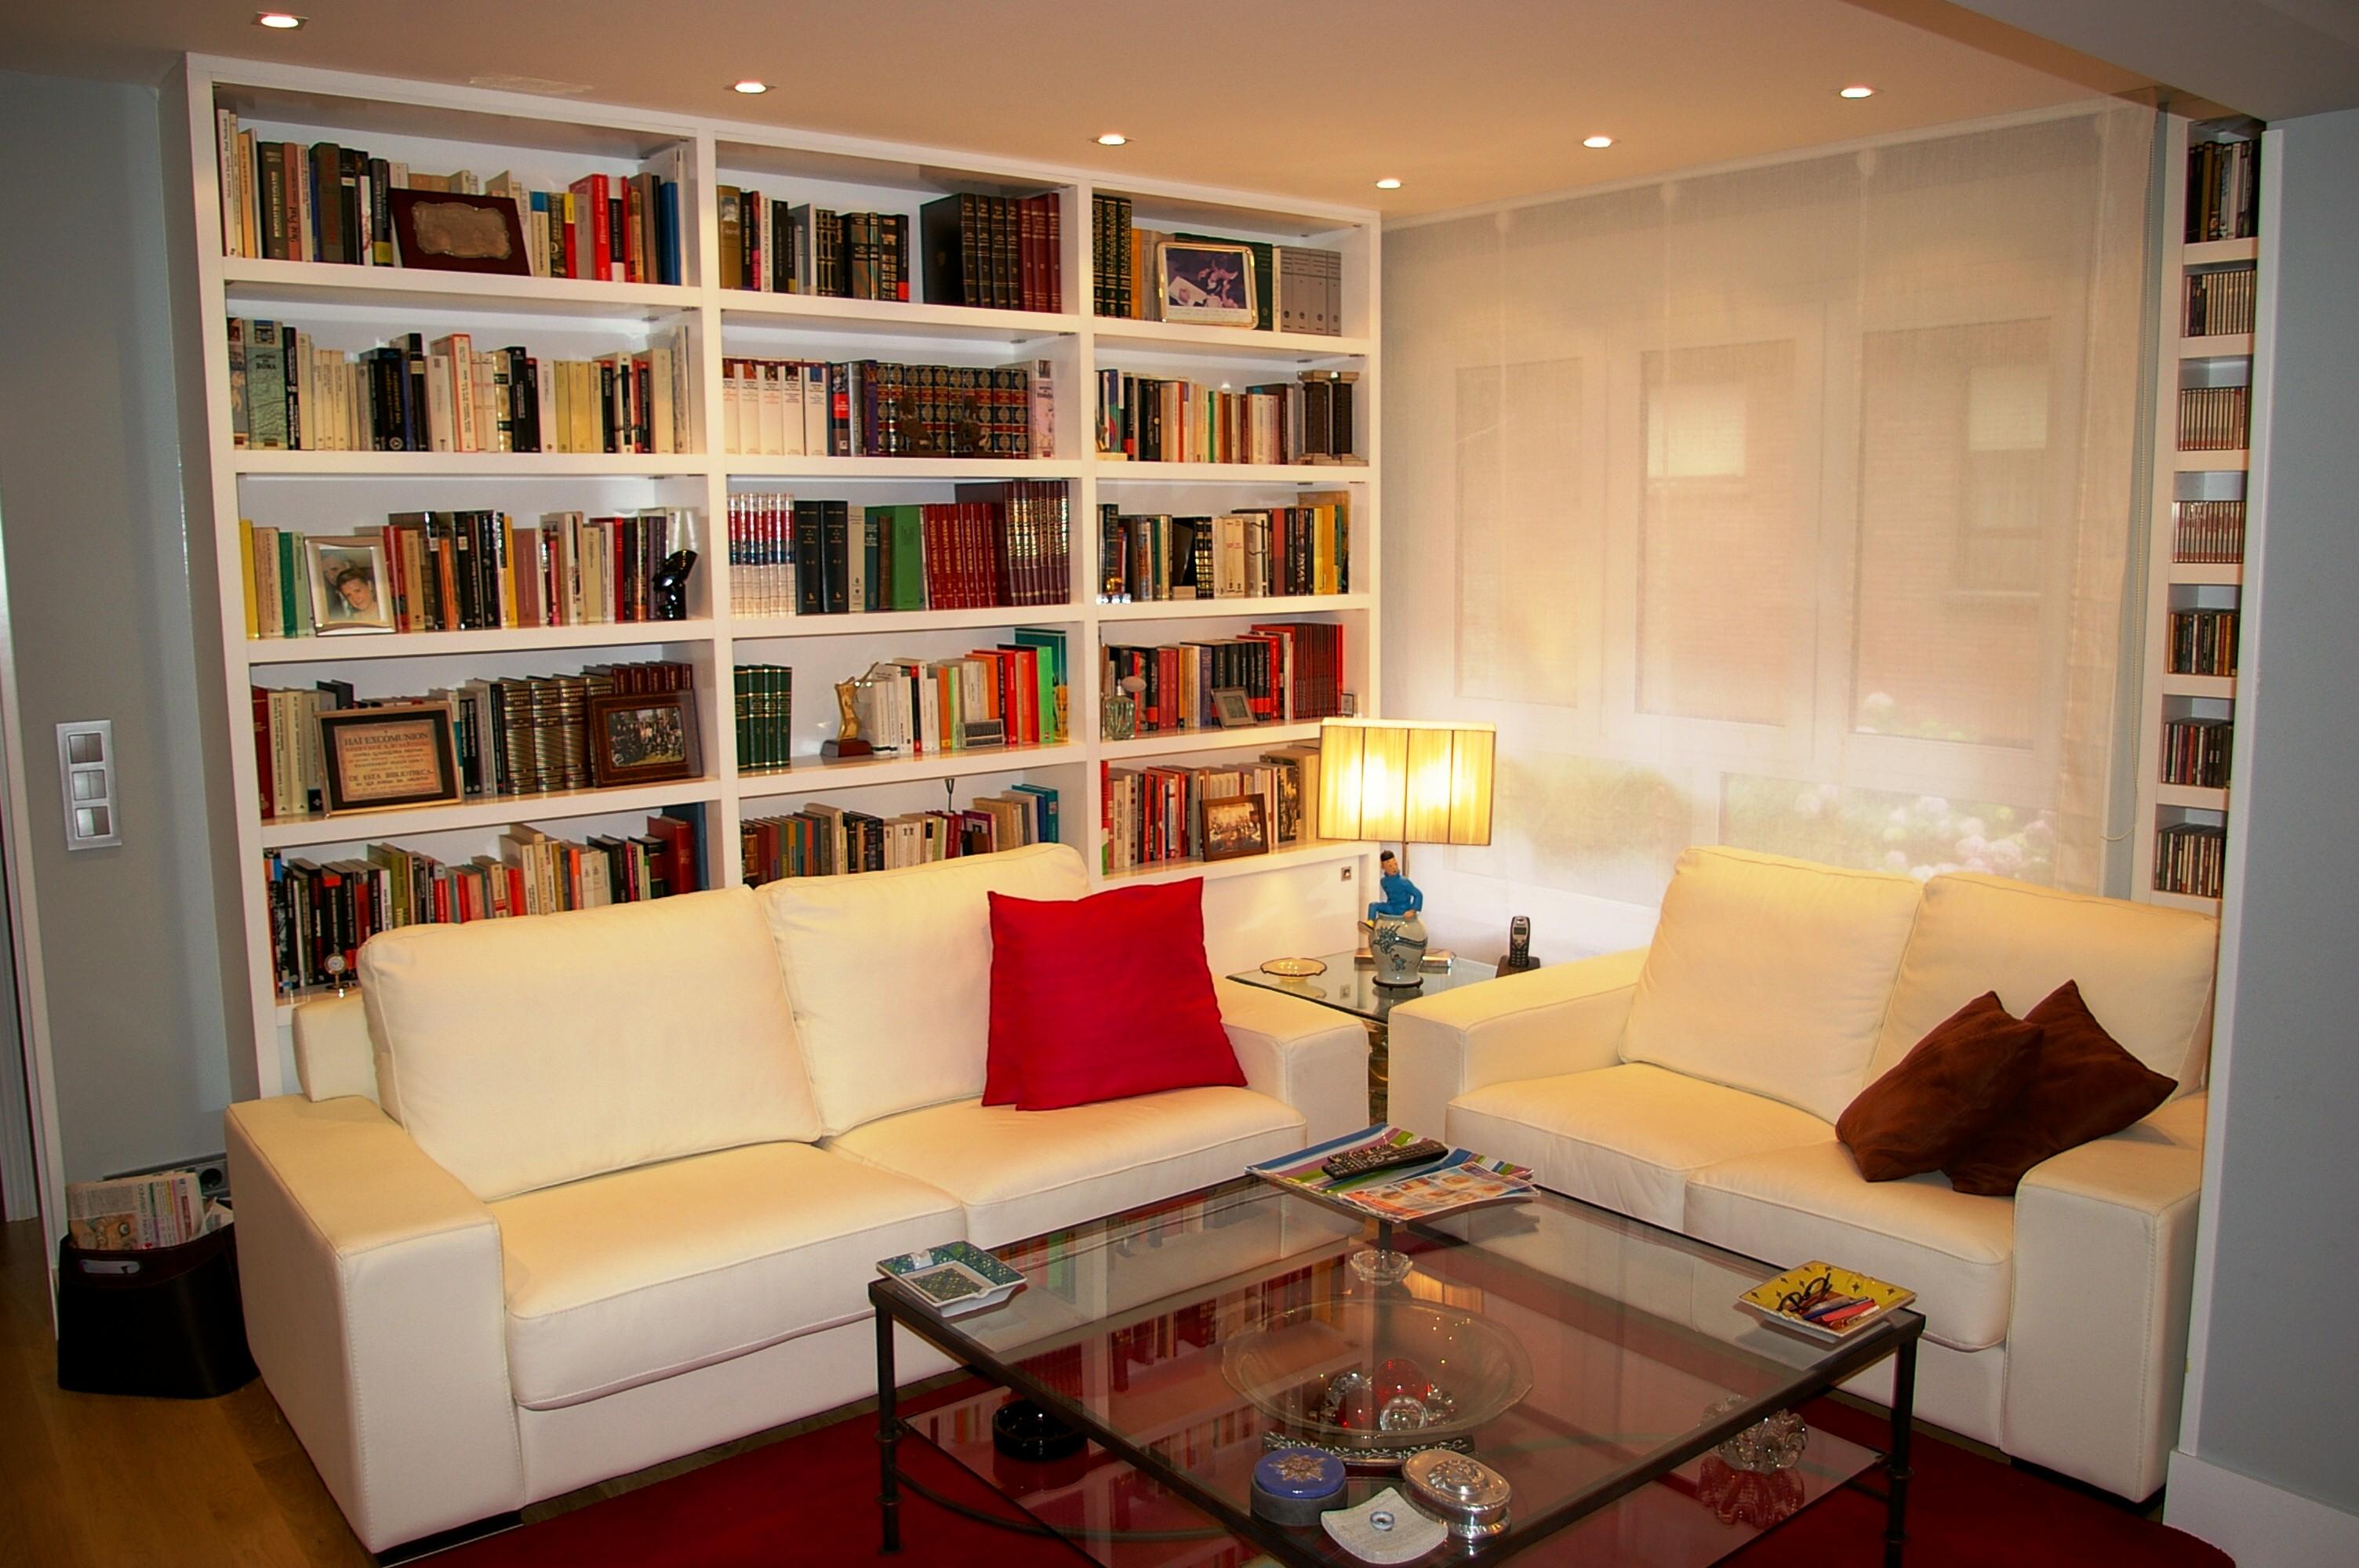 Decoración Barakaldo: Las mejores ideas para darle un nuevo estilo a tu hogar